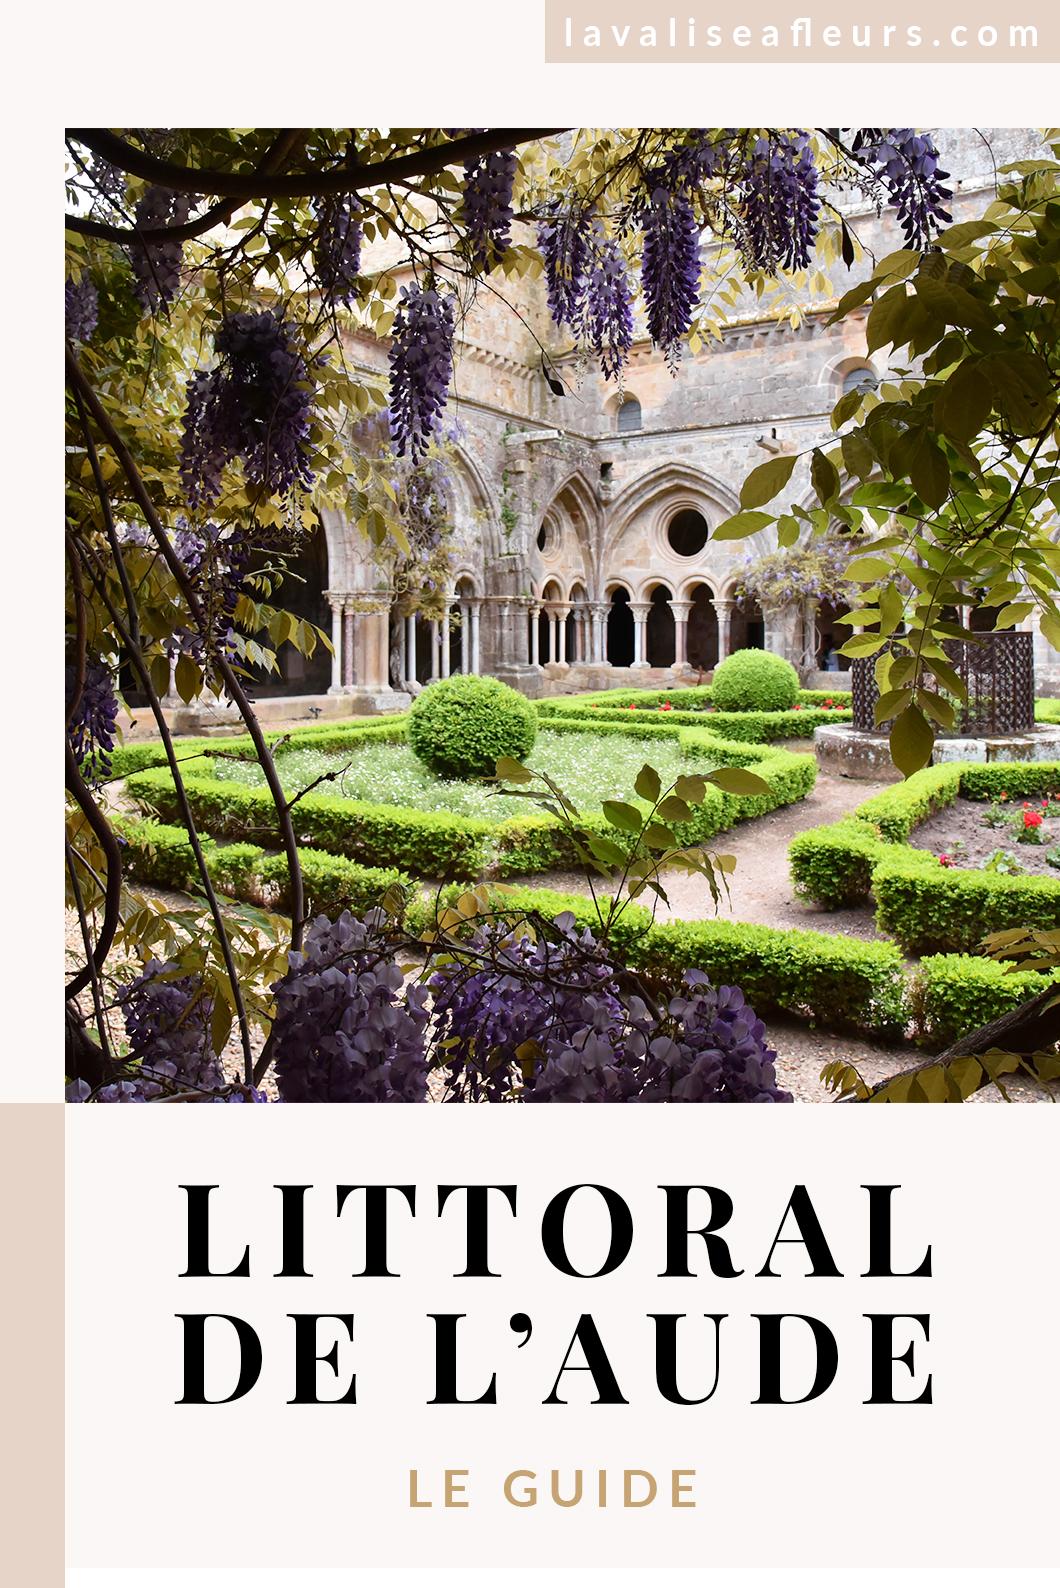 Visiter l'Abbaye de Fontfroide et le littoral de l'Aude